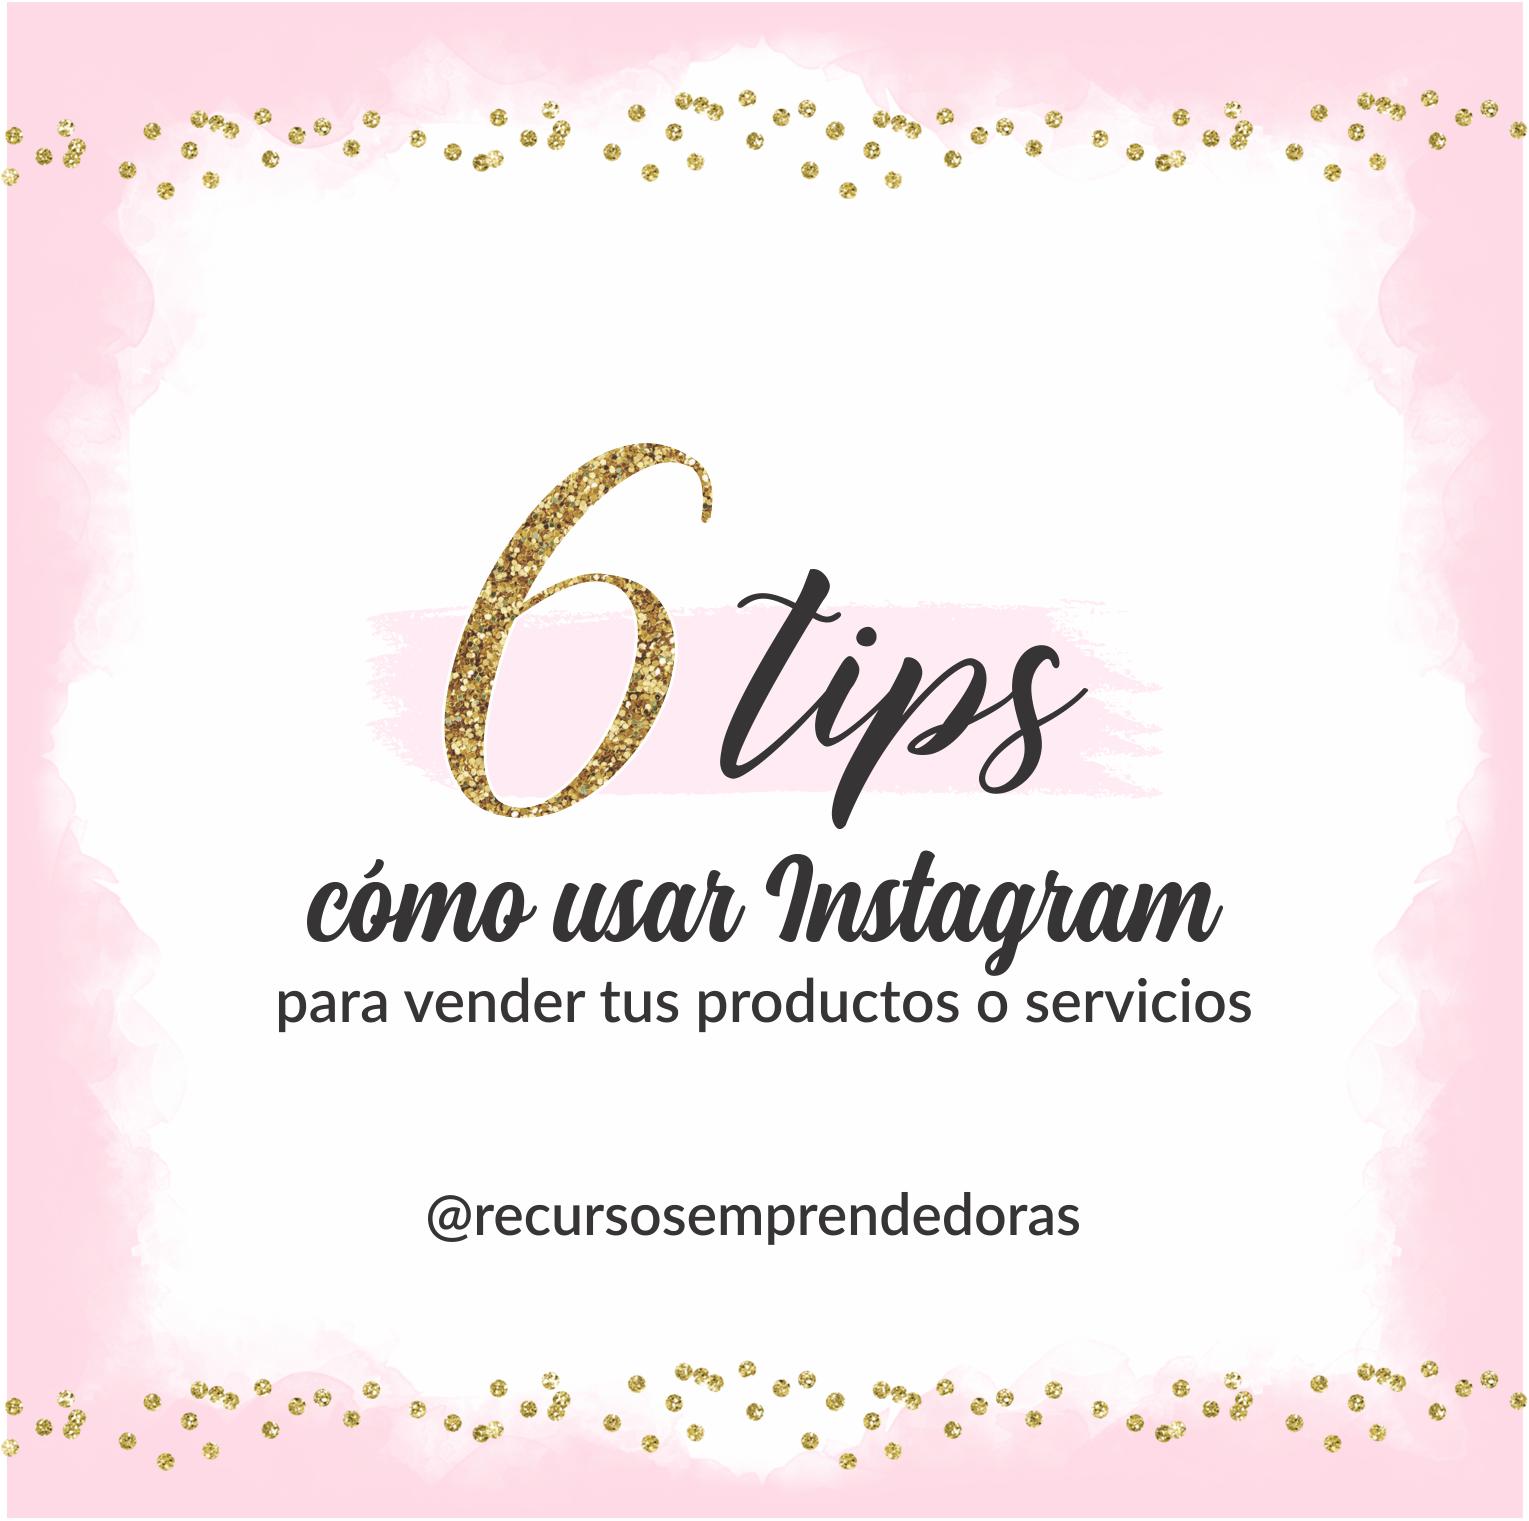 Cómo usar Instagram para vender tus productos o servicios